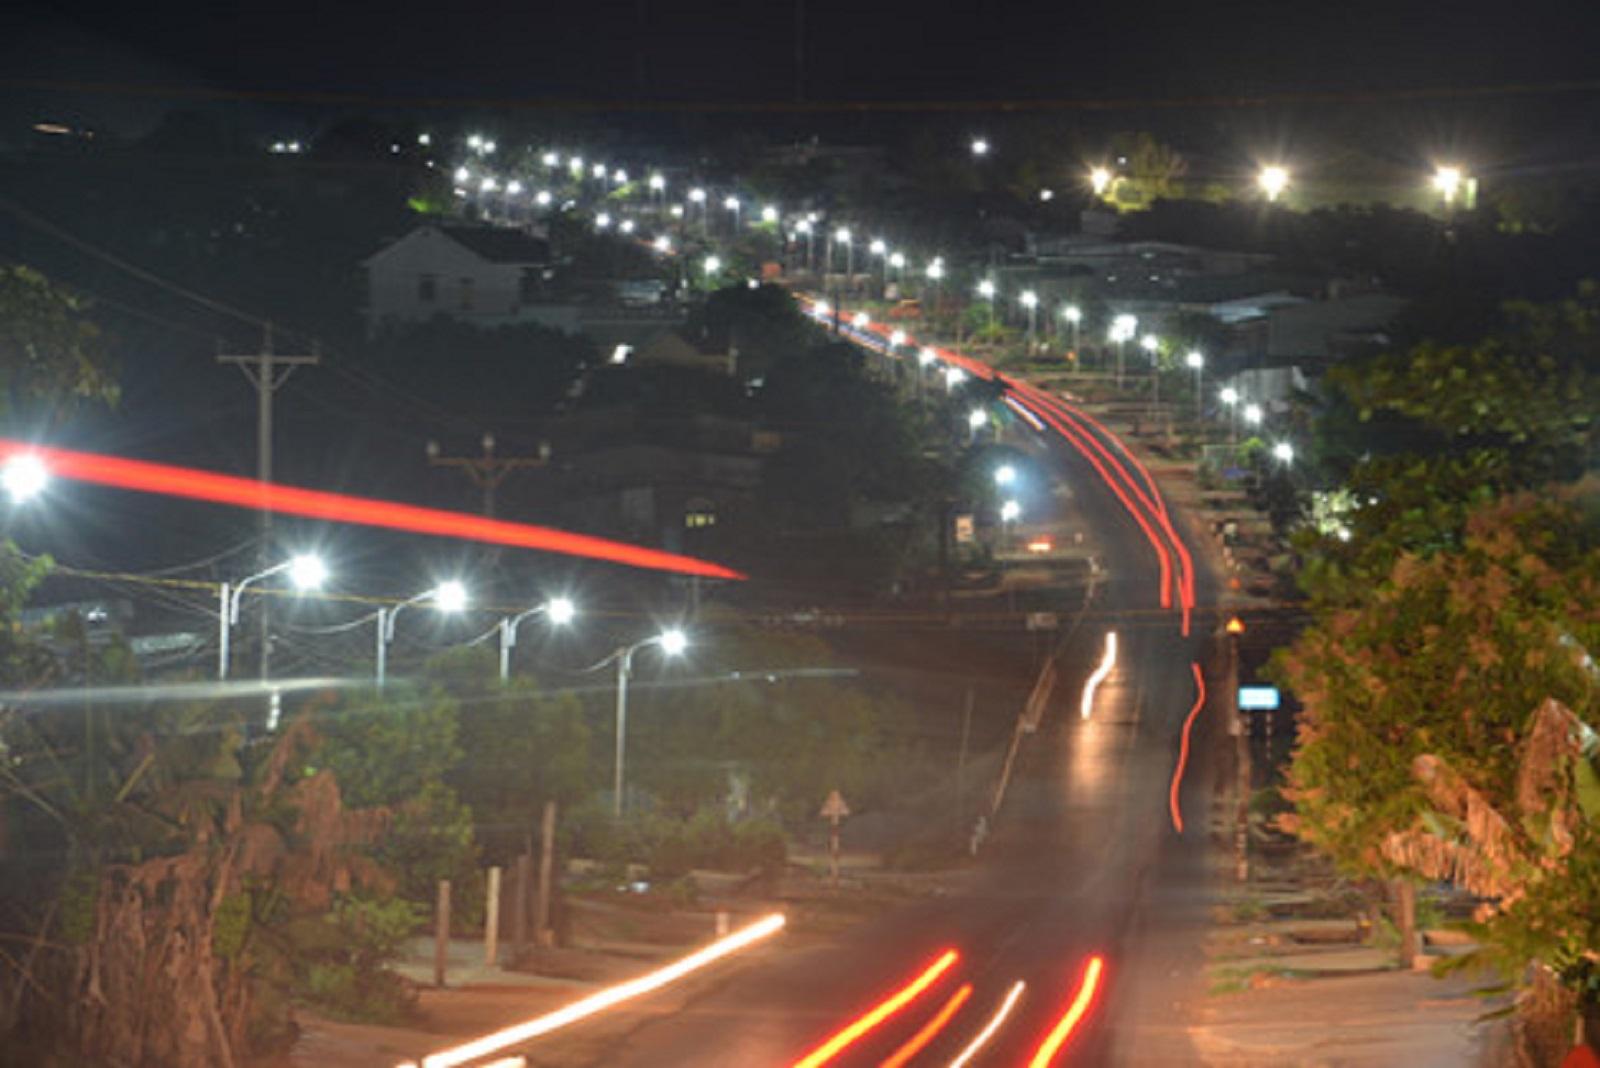 Gia Lai: 1.000 hộ dân tự góp tiền làm đèn đường, trả tiền điện... chiếu sáng quốc lộ